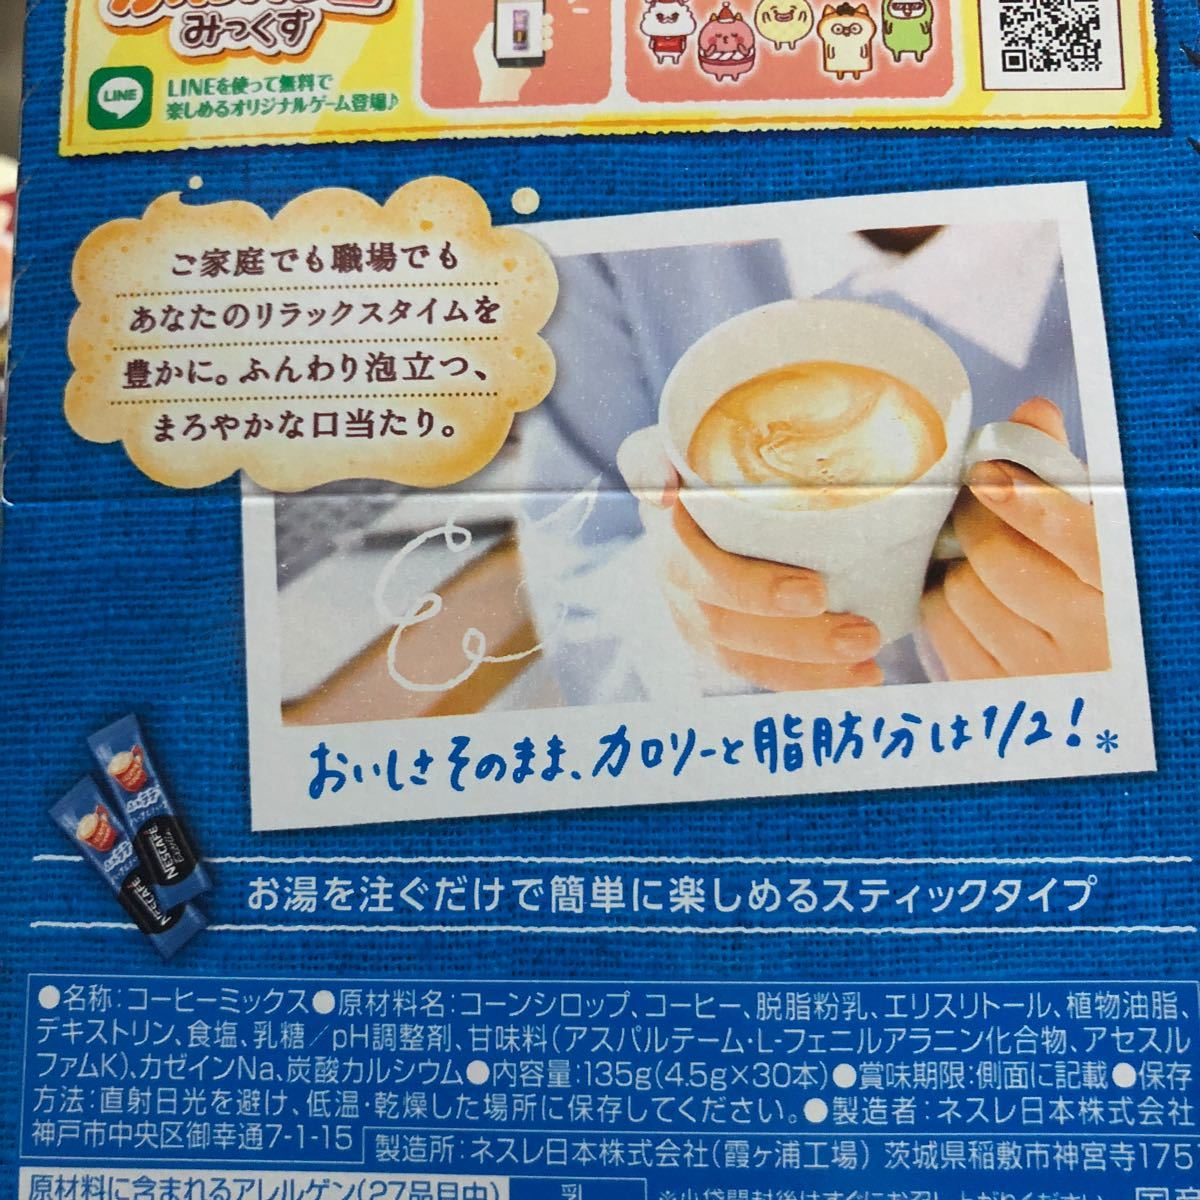 ネスカフェふわラテ2種類&ネスレミルクティー甘さ控えめセット60本